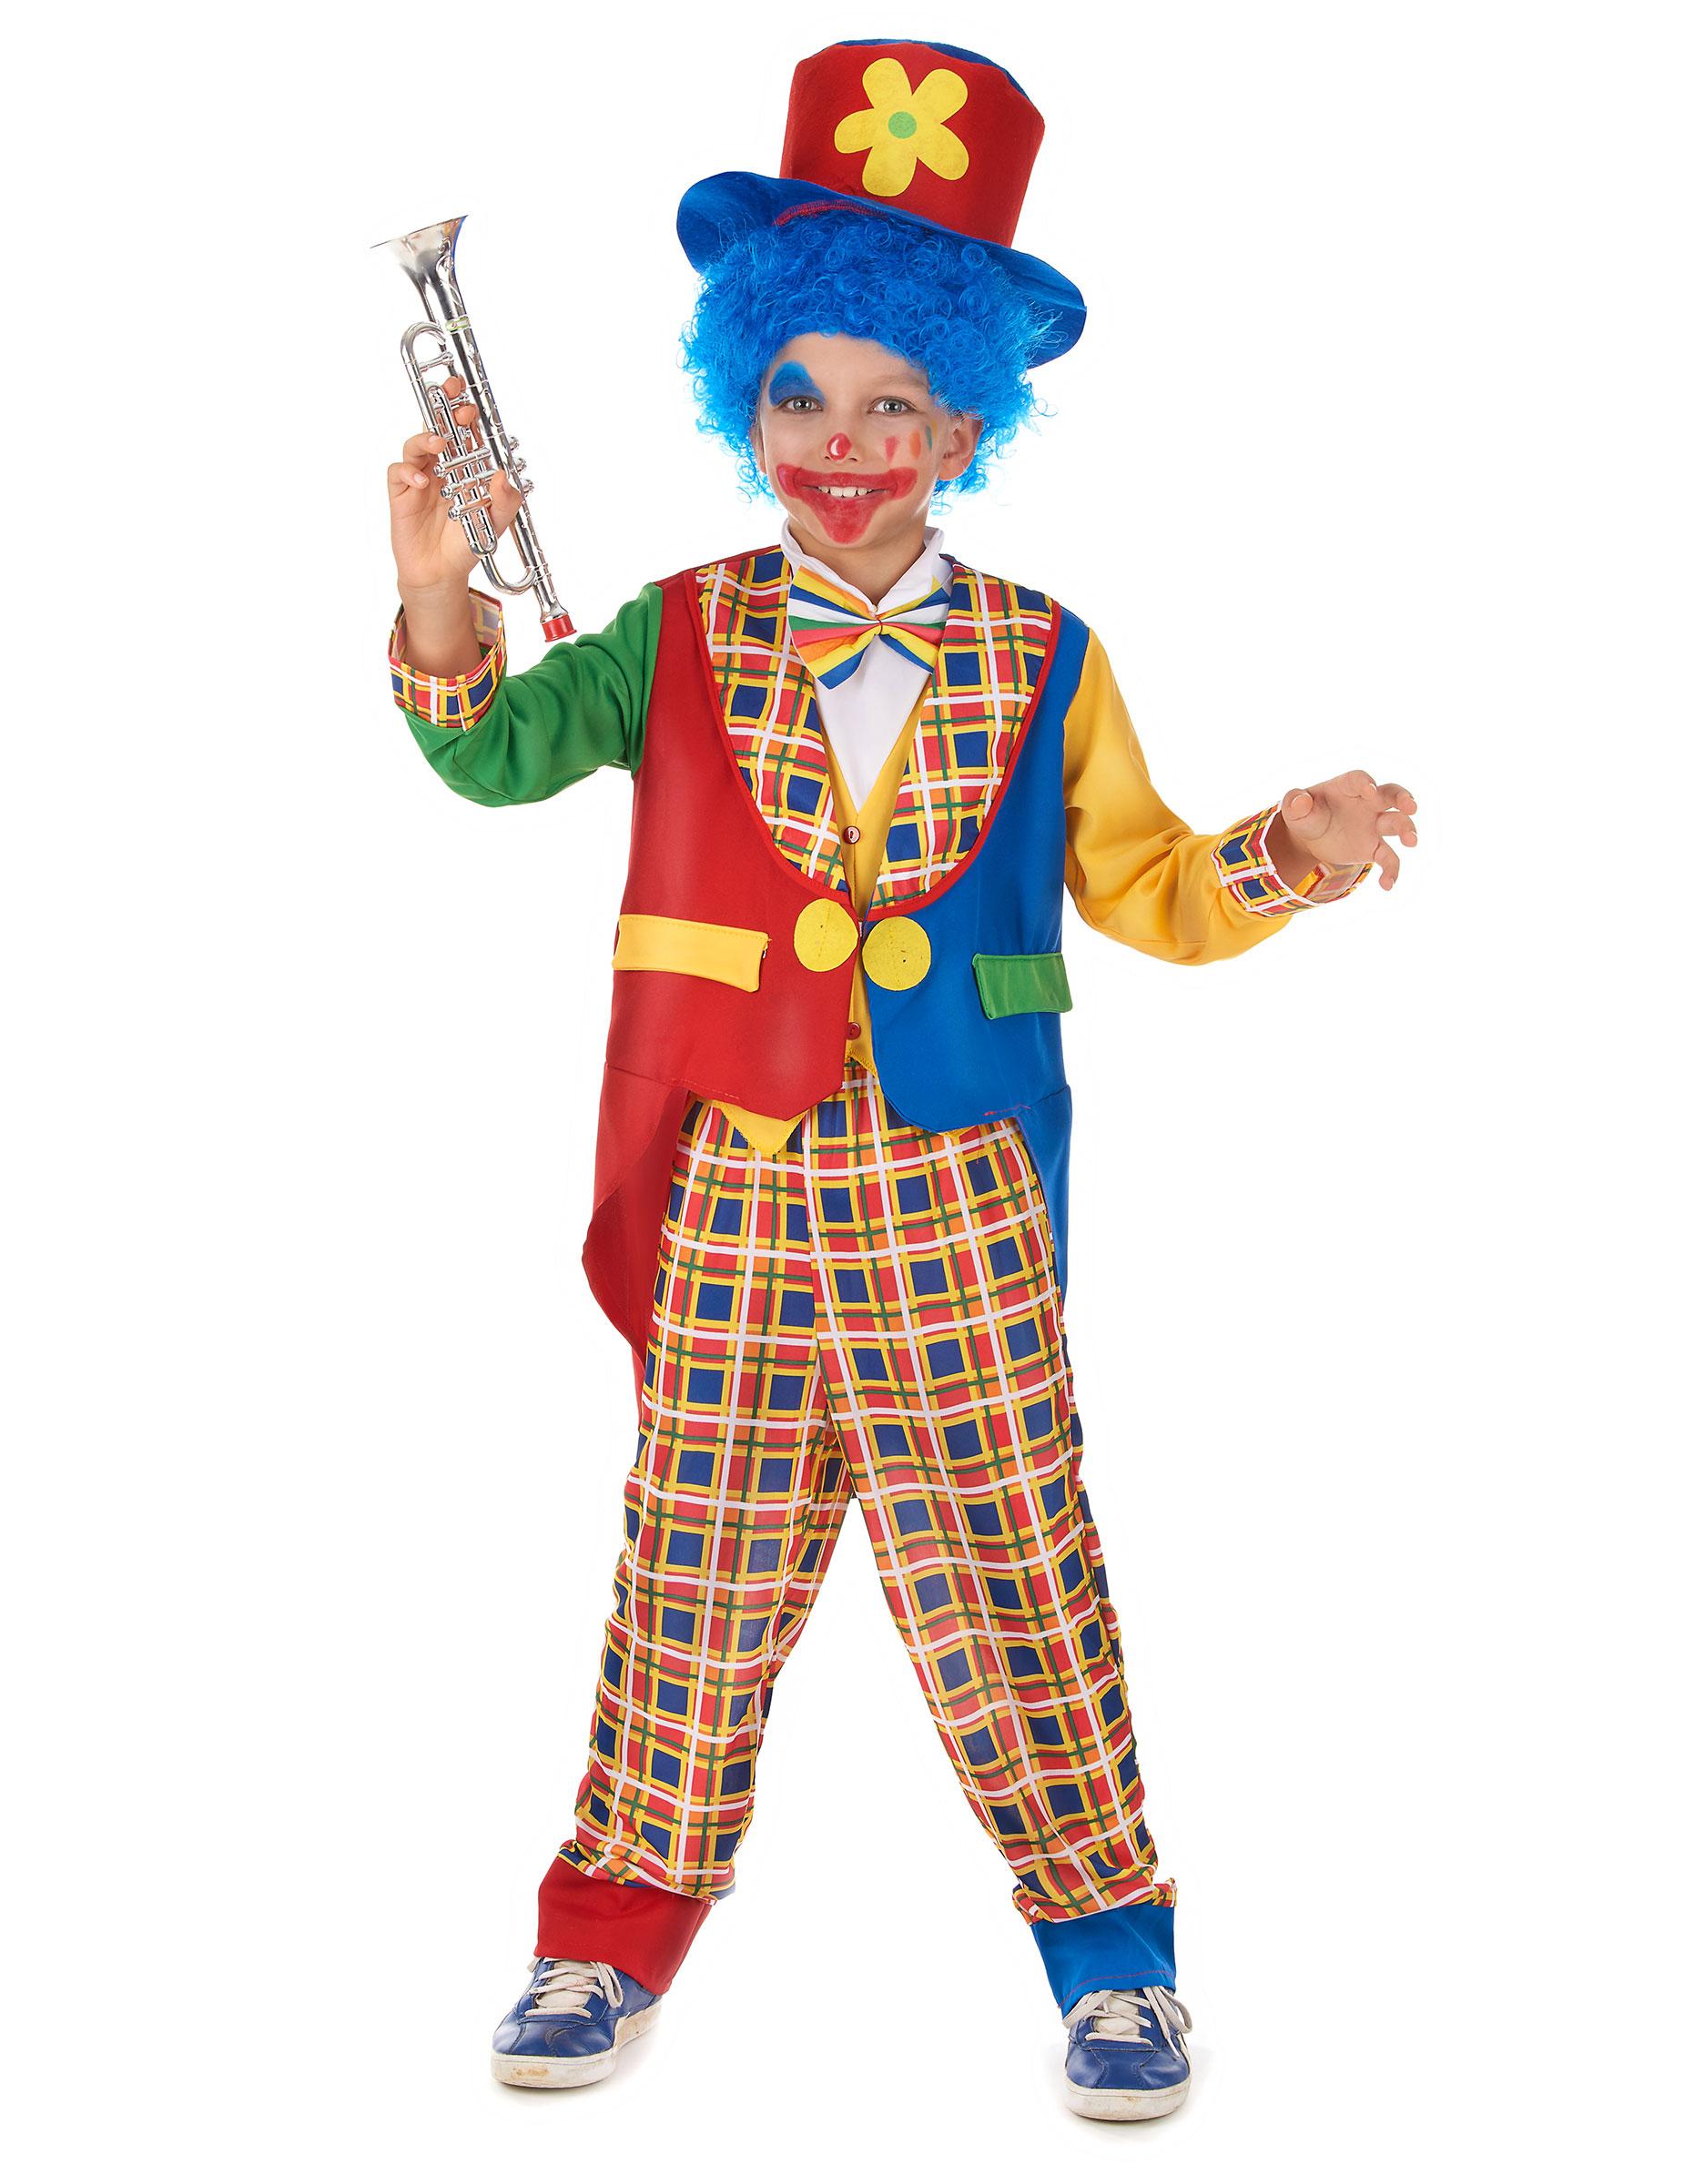 Vestiti Carnevale Vestiti Bambino Carnevale Online Bambino wPy80vmNnO